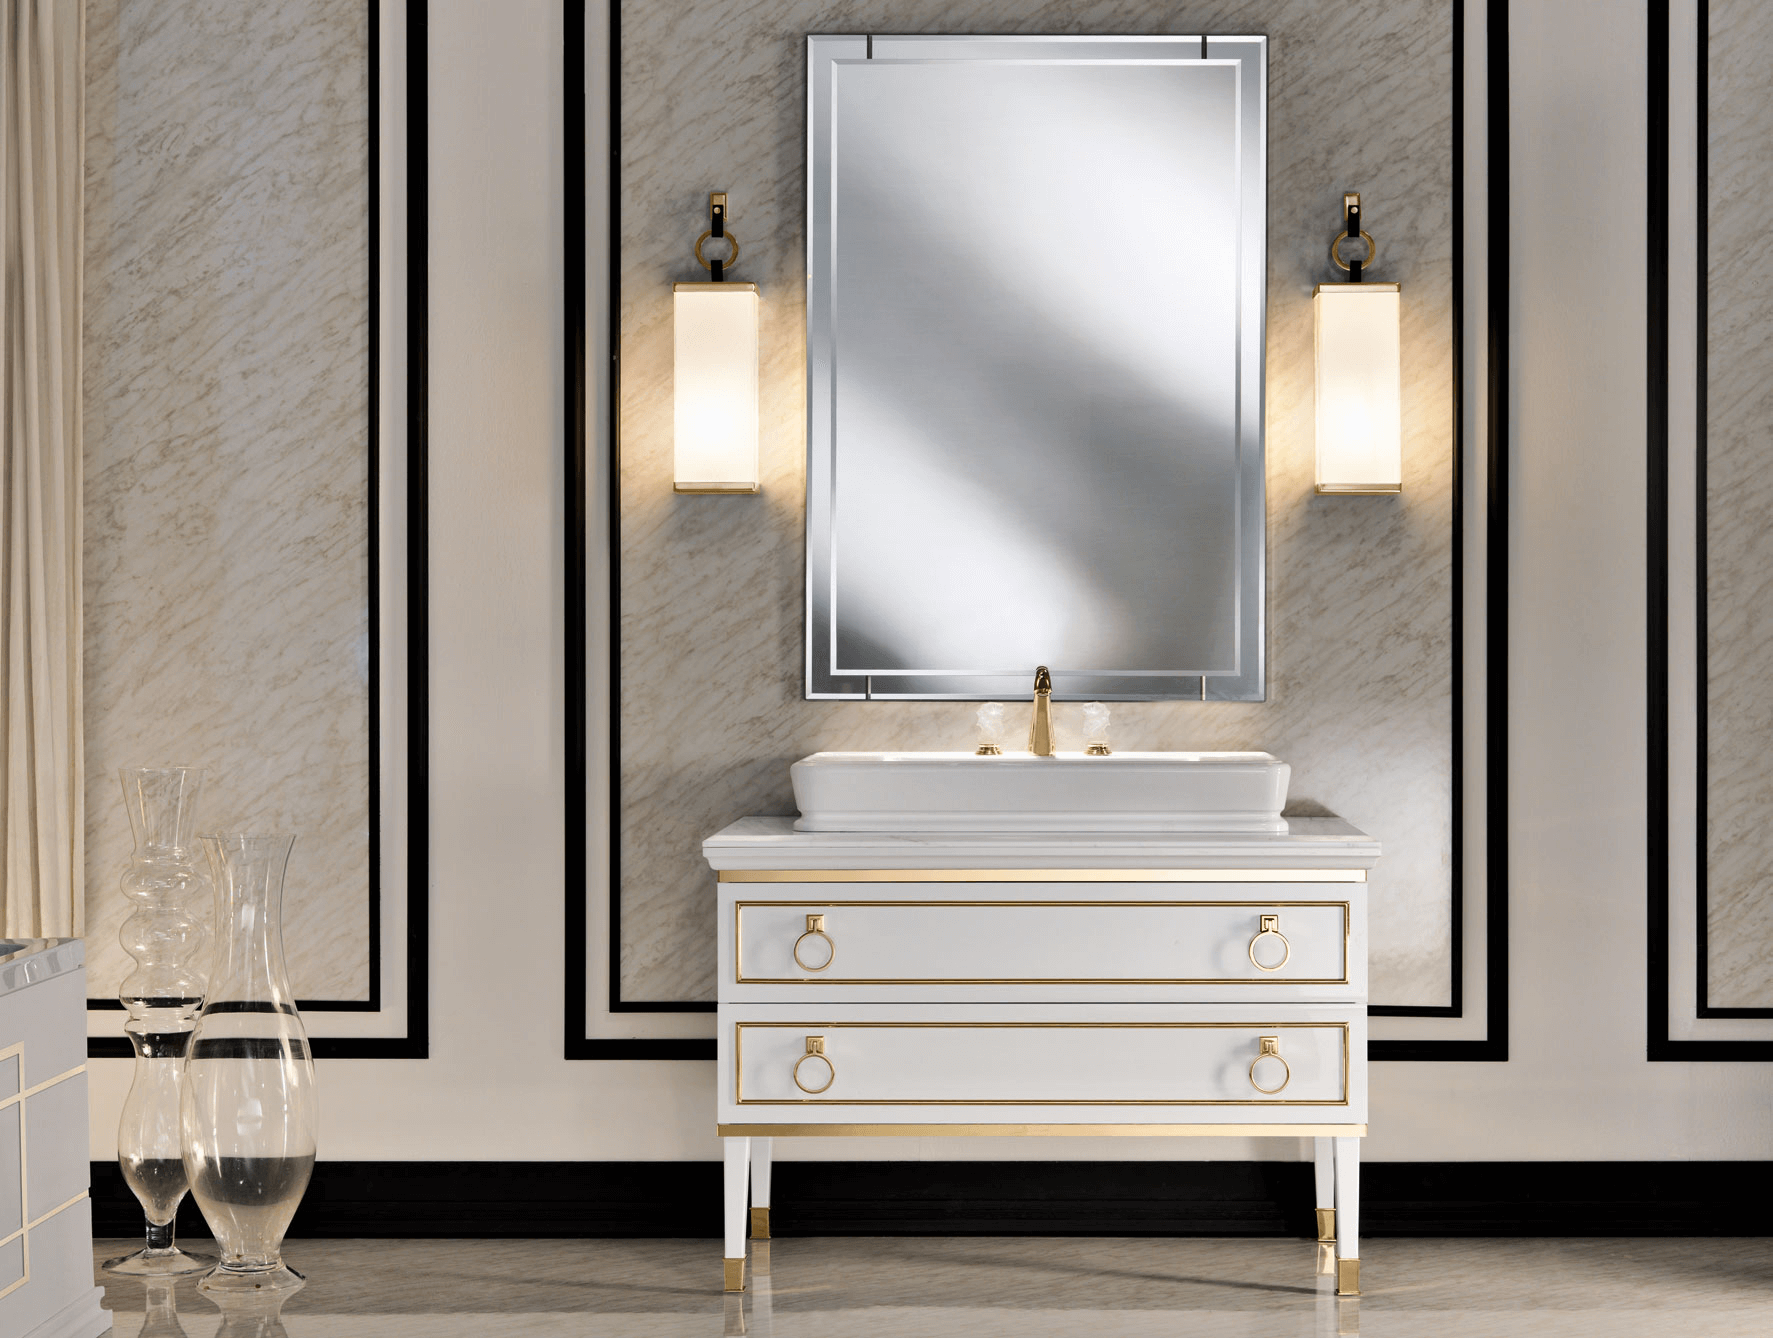 High end bathroom vanity mirrors